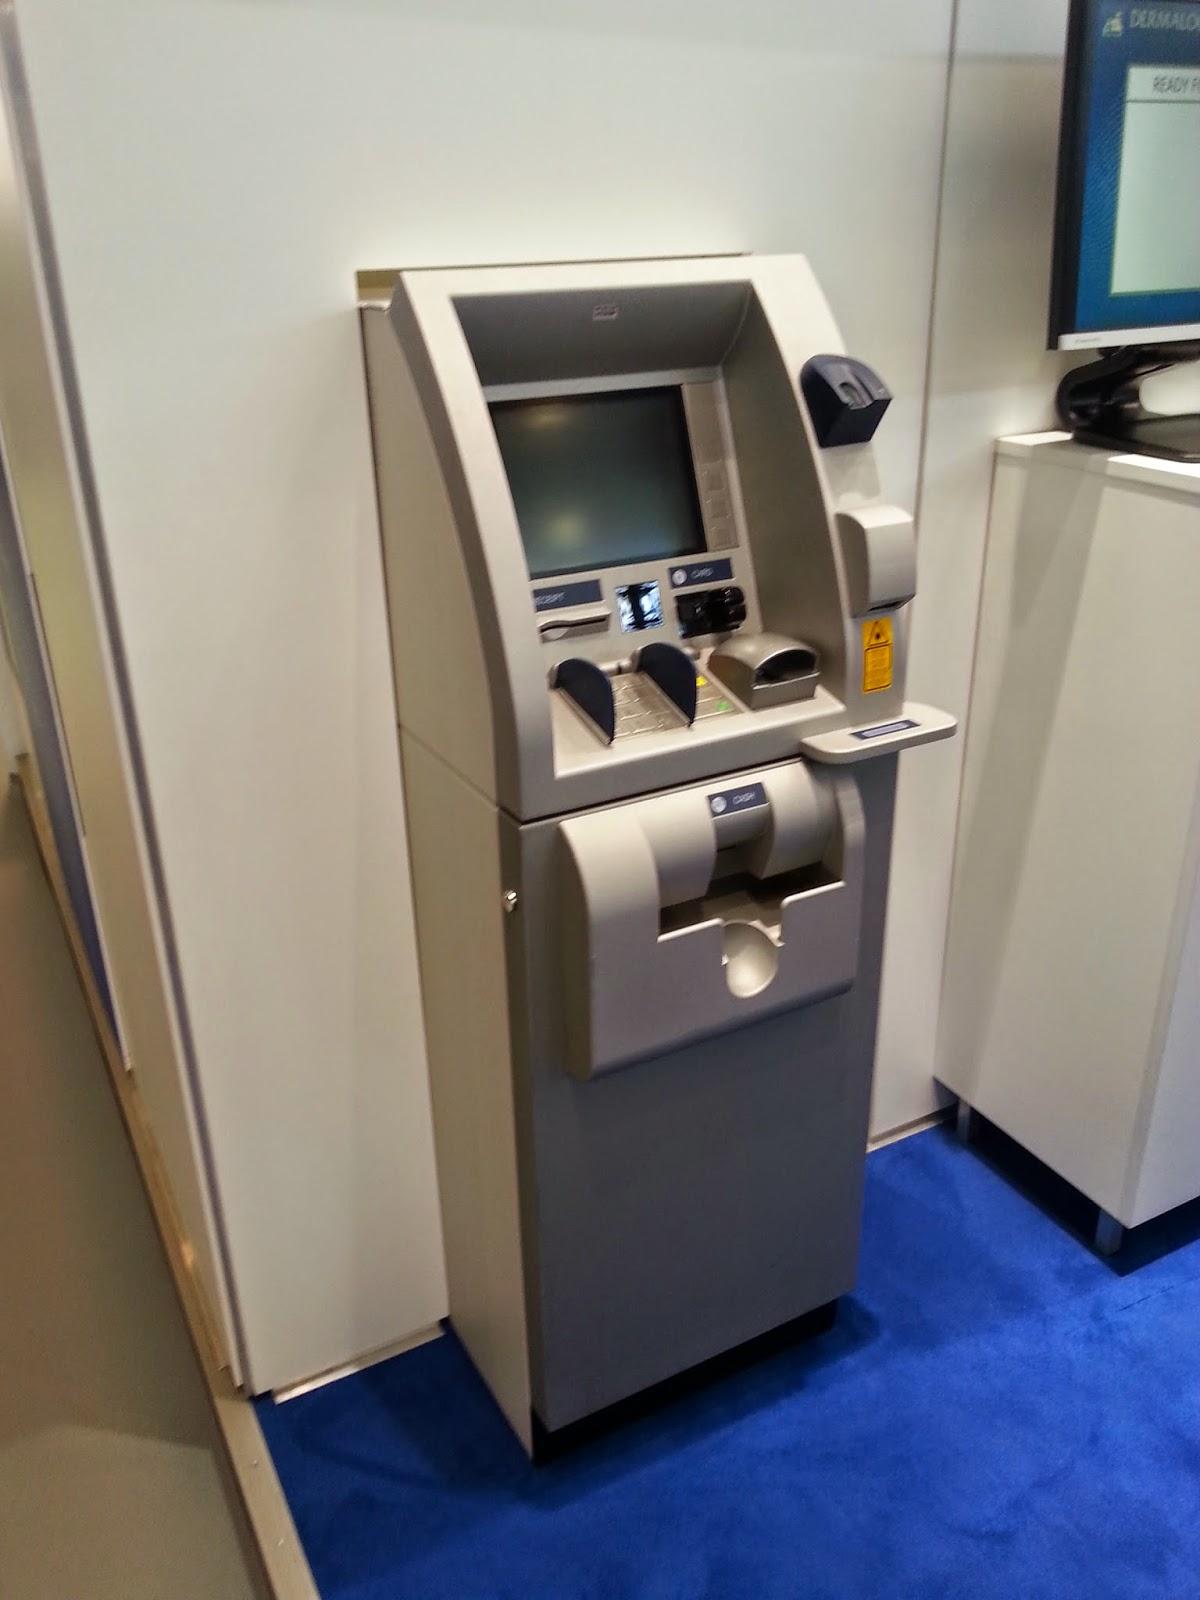 Cajero automático (ATM) con lector biométrico de huellas dactilares